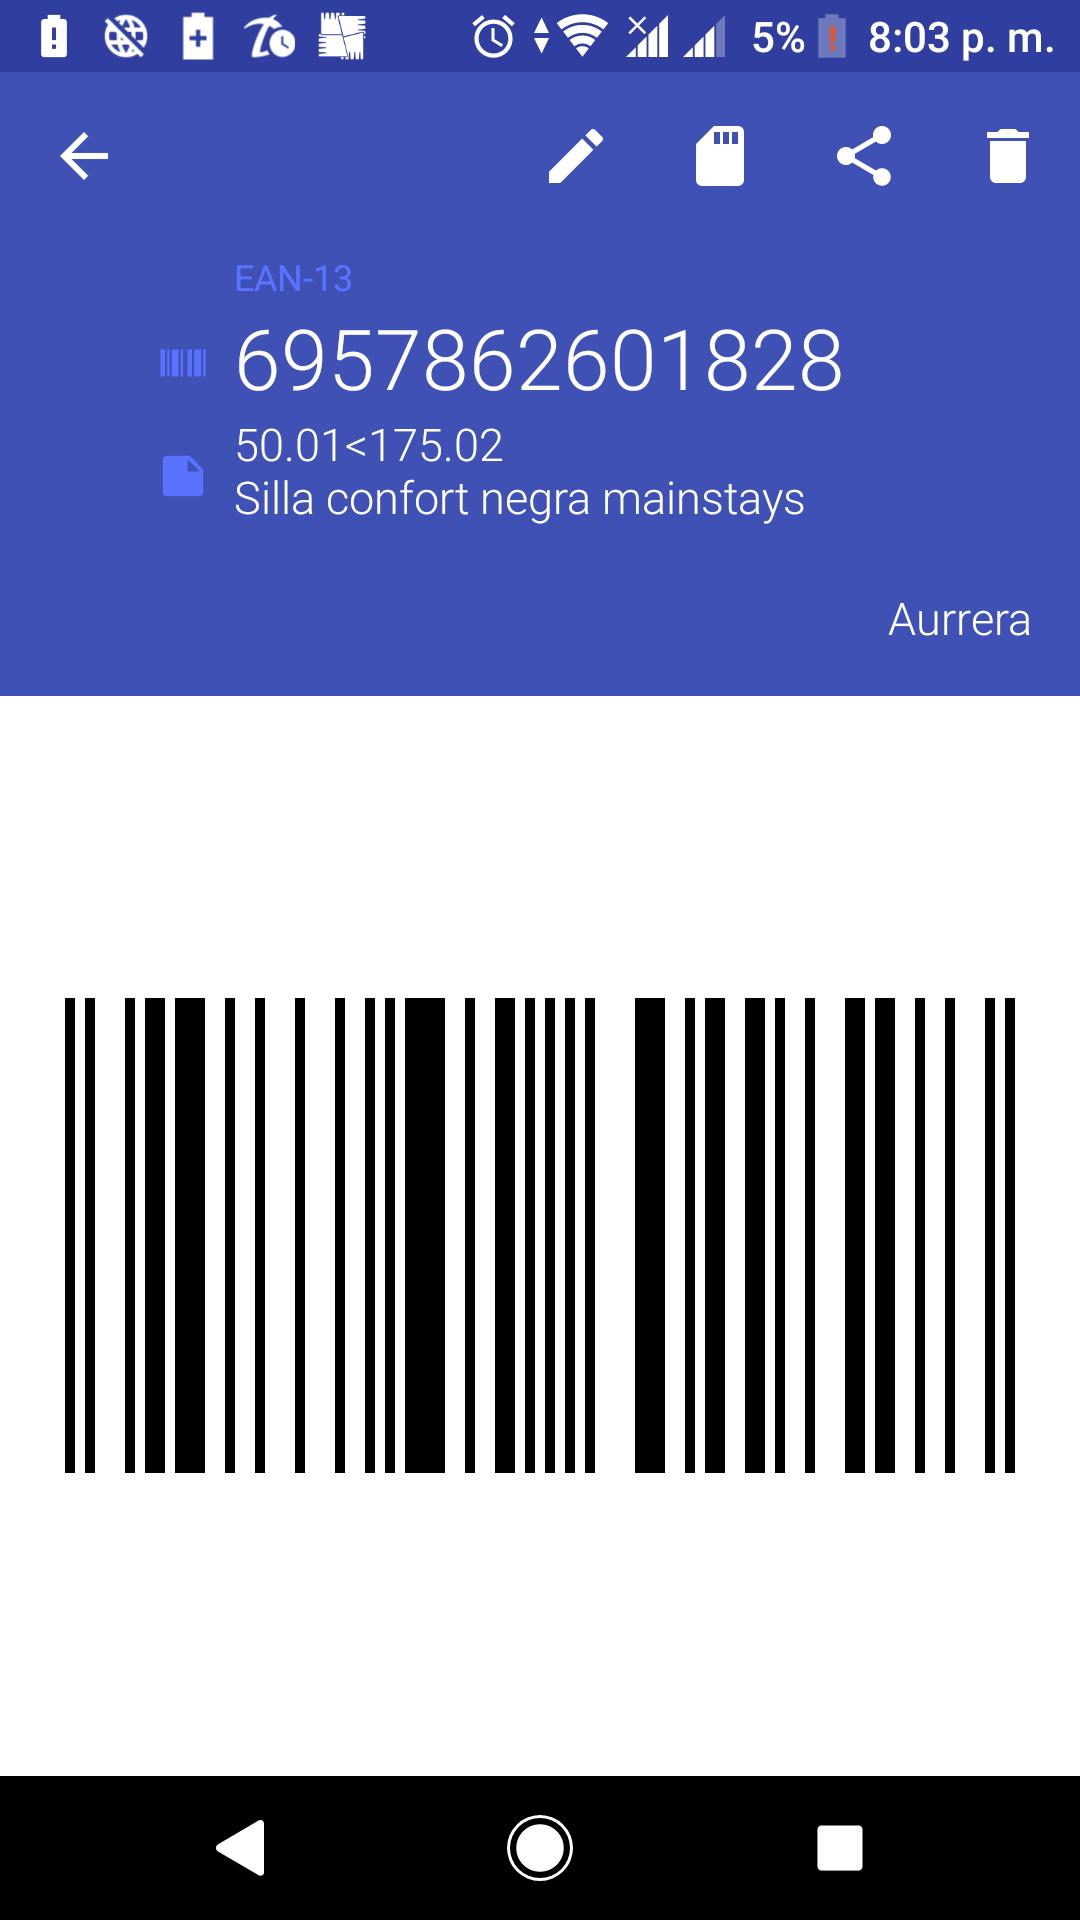 536111.jpg